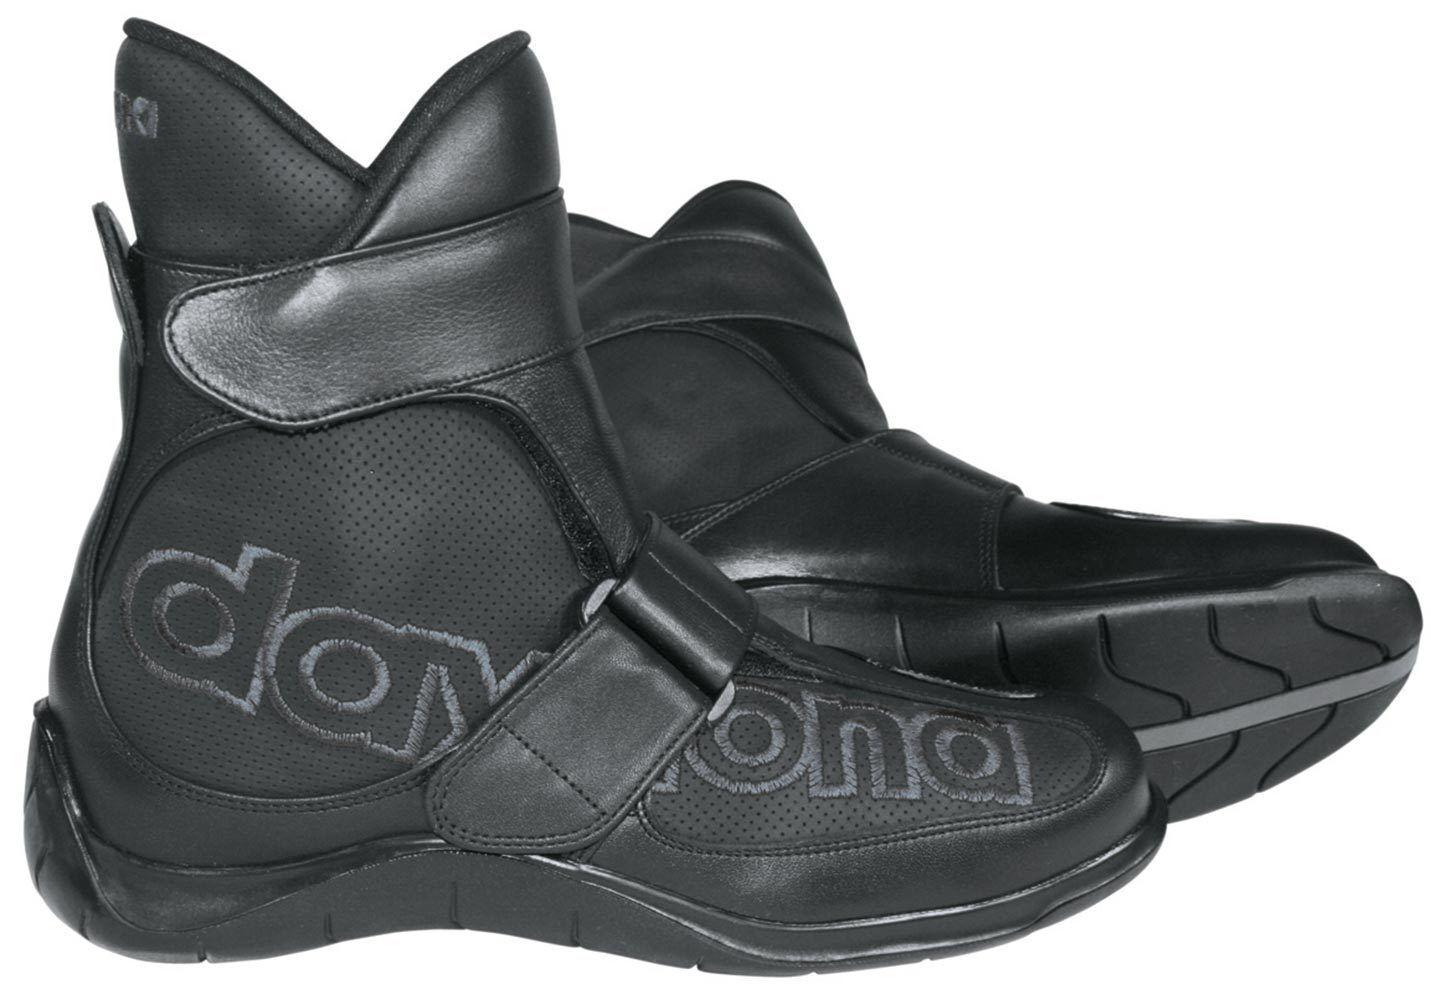 Daytona Shorty Chaussures de moto Noir taille : 42